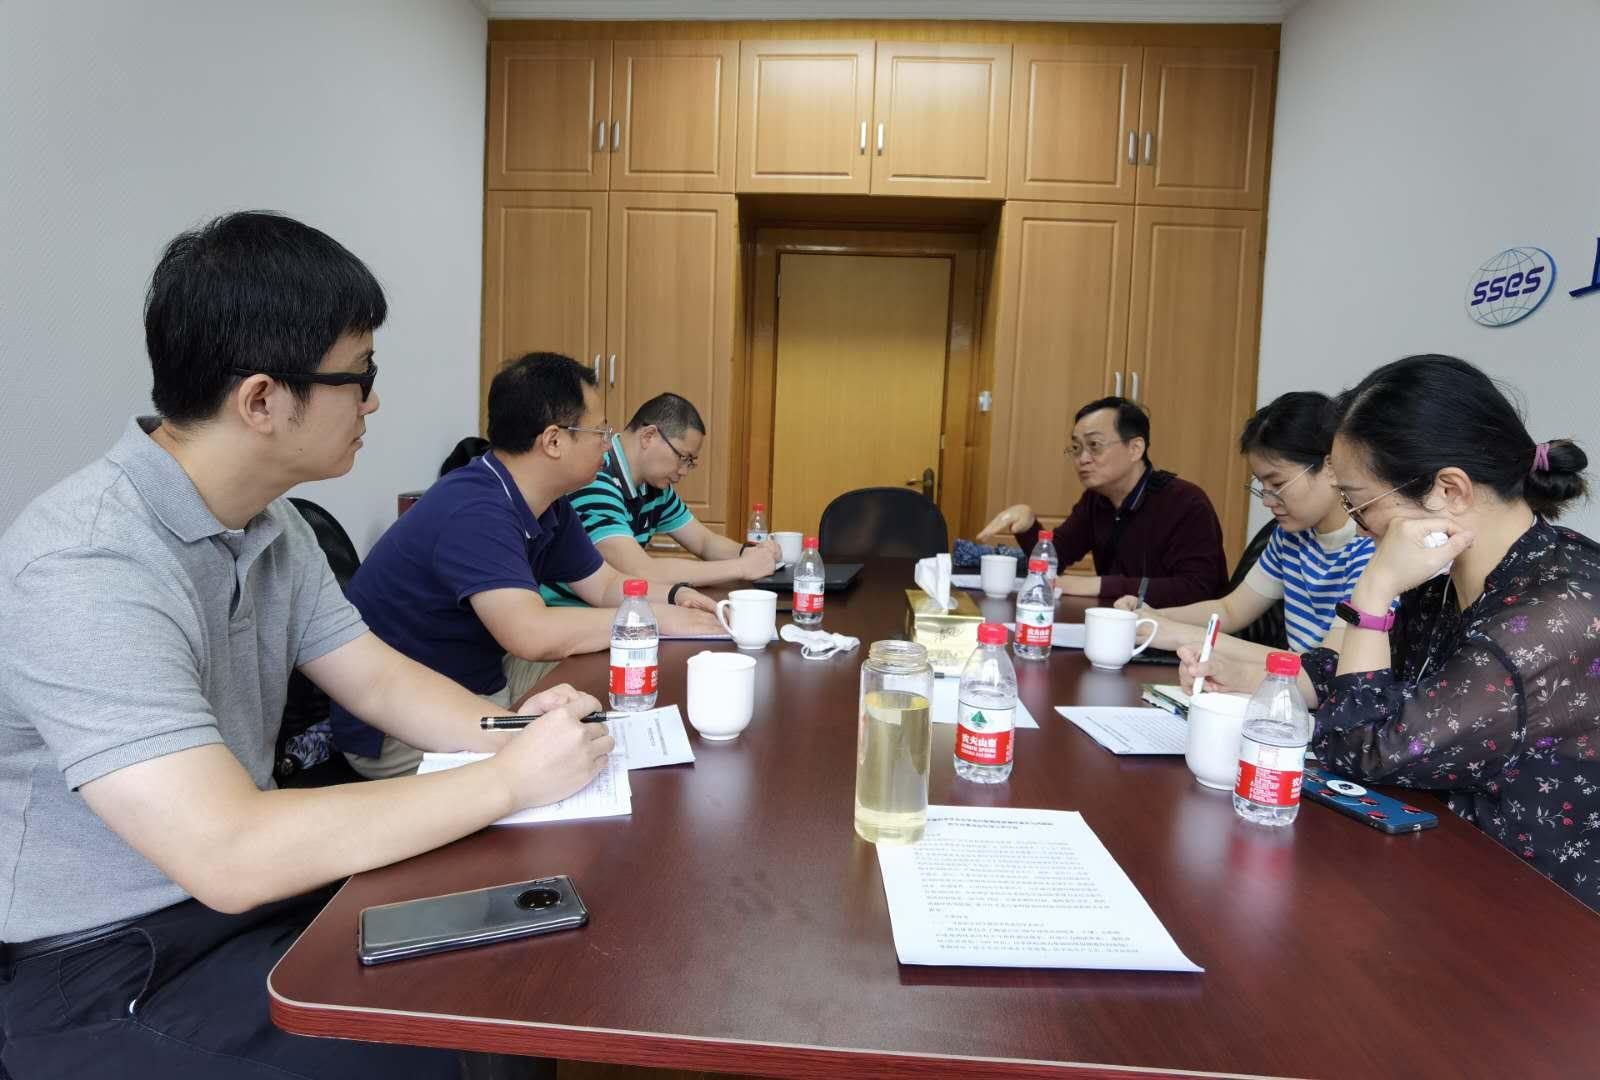 上海市环境科学学会化学品污染物排放毒性鉴定与风险防控专业委员会筹备组第一次会议顺利召开